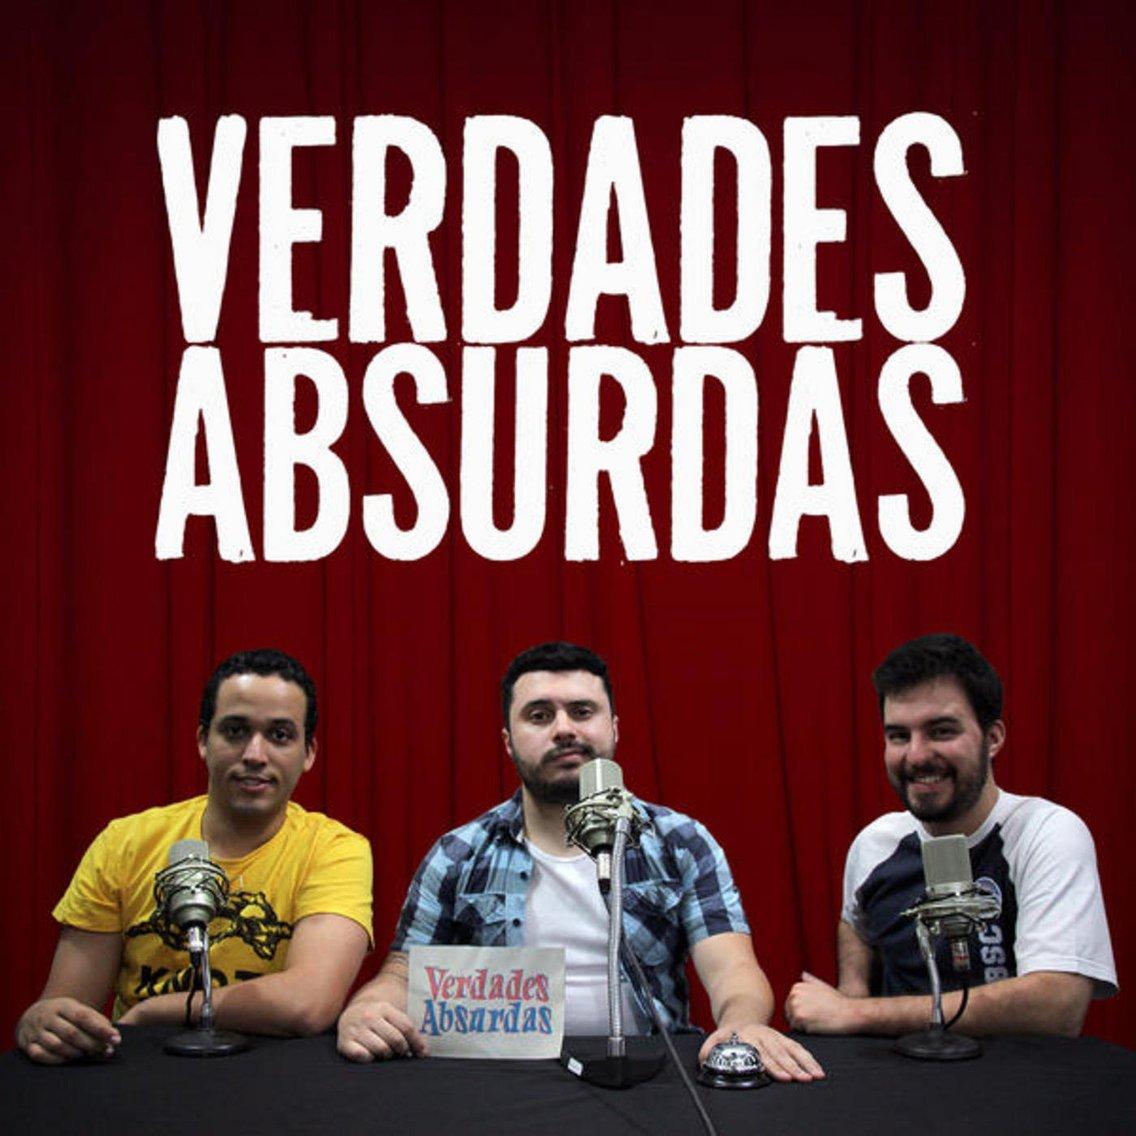 Verdades Absurdas - immagine di copertina